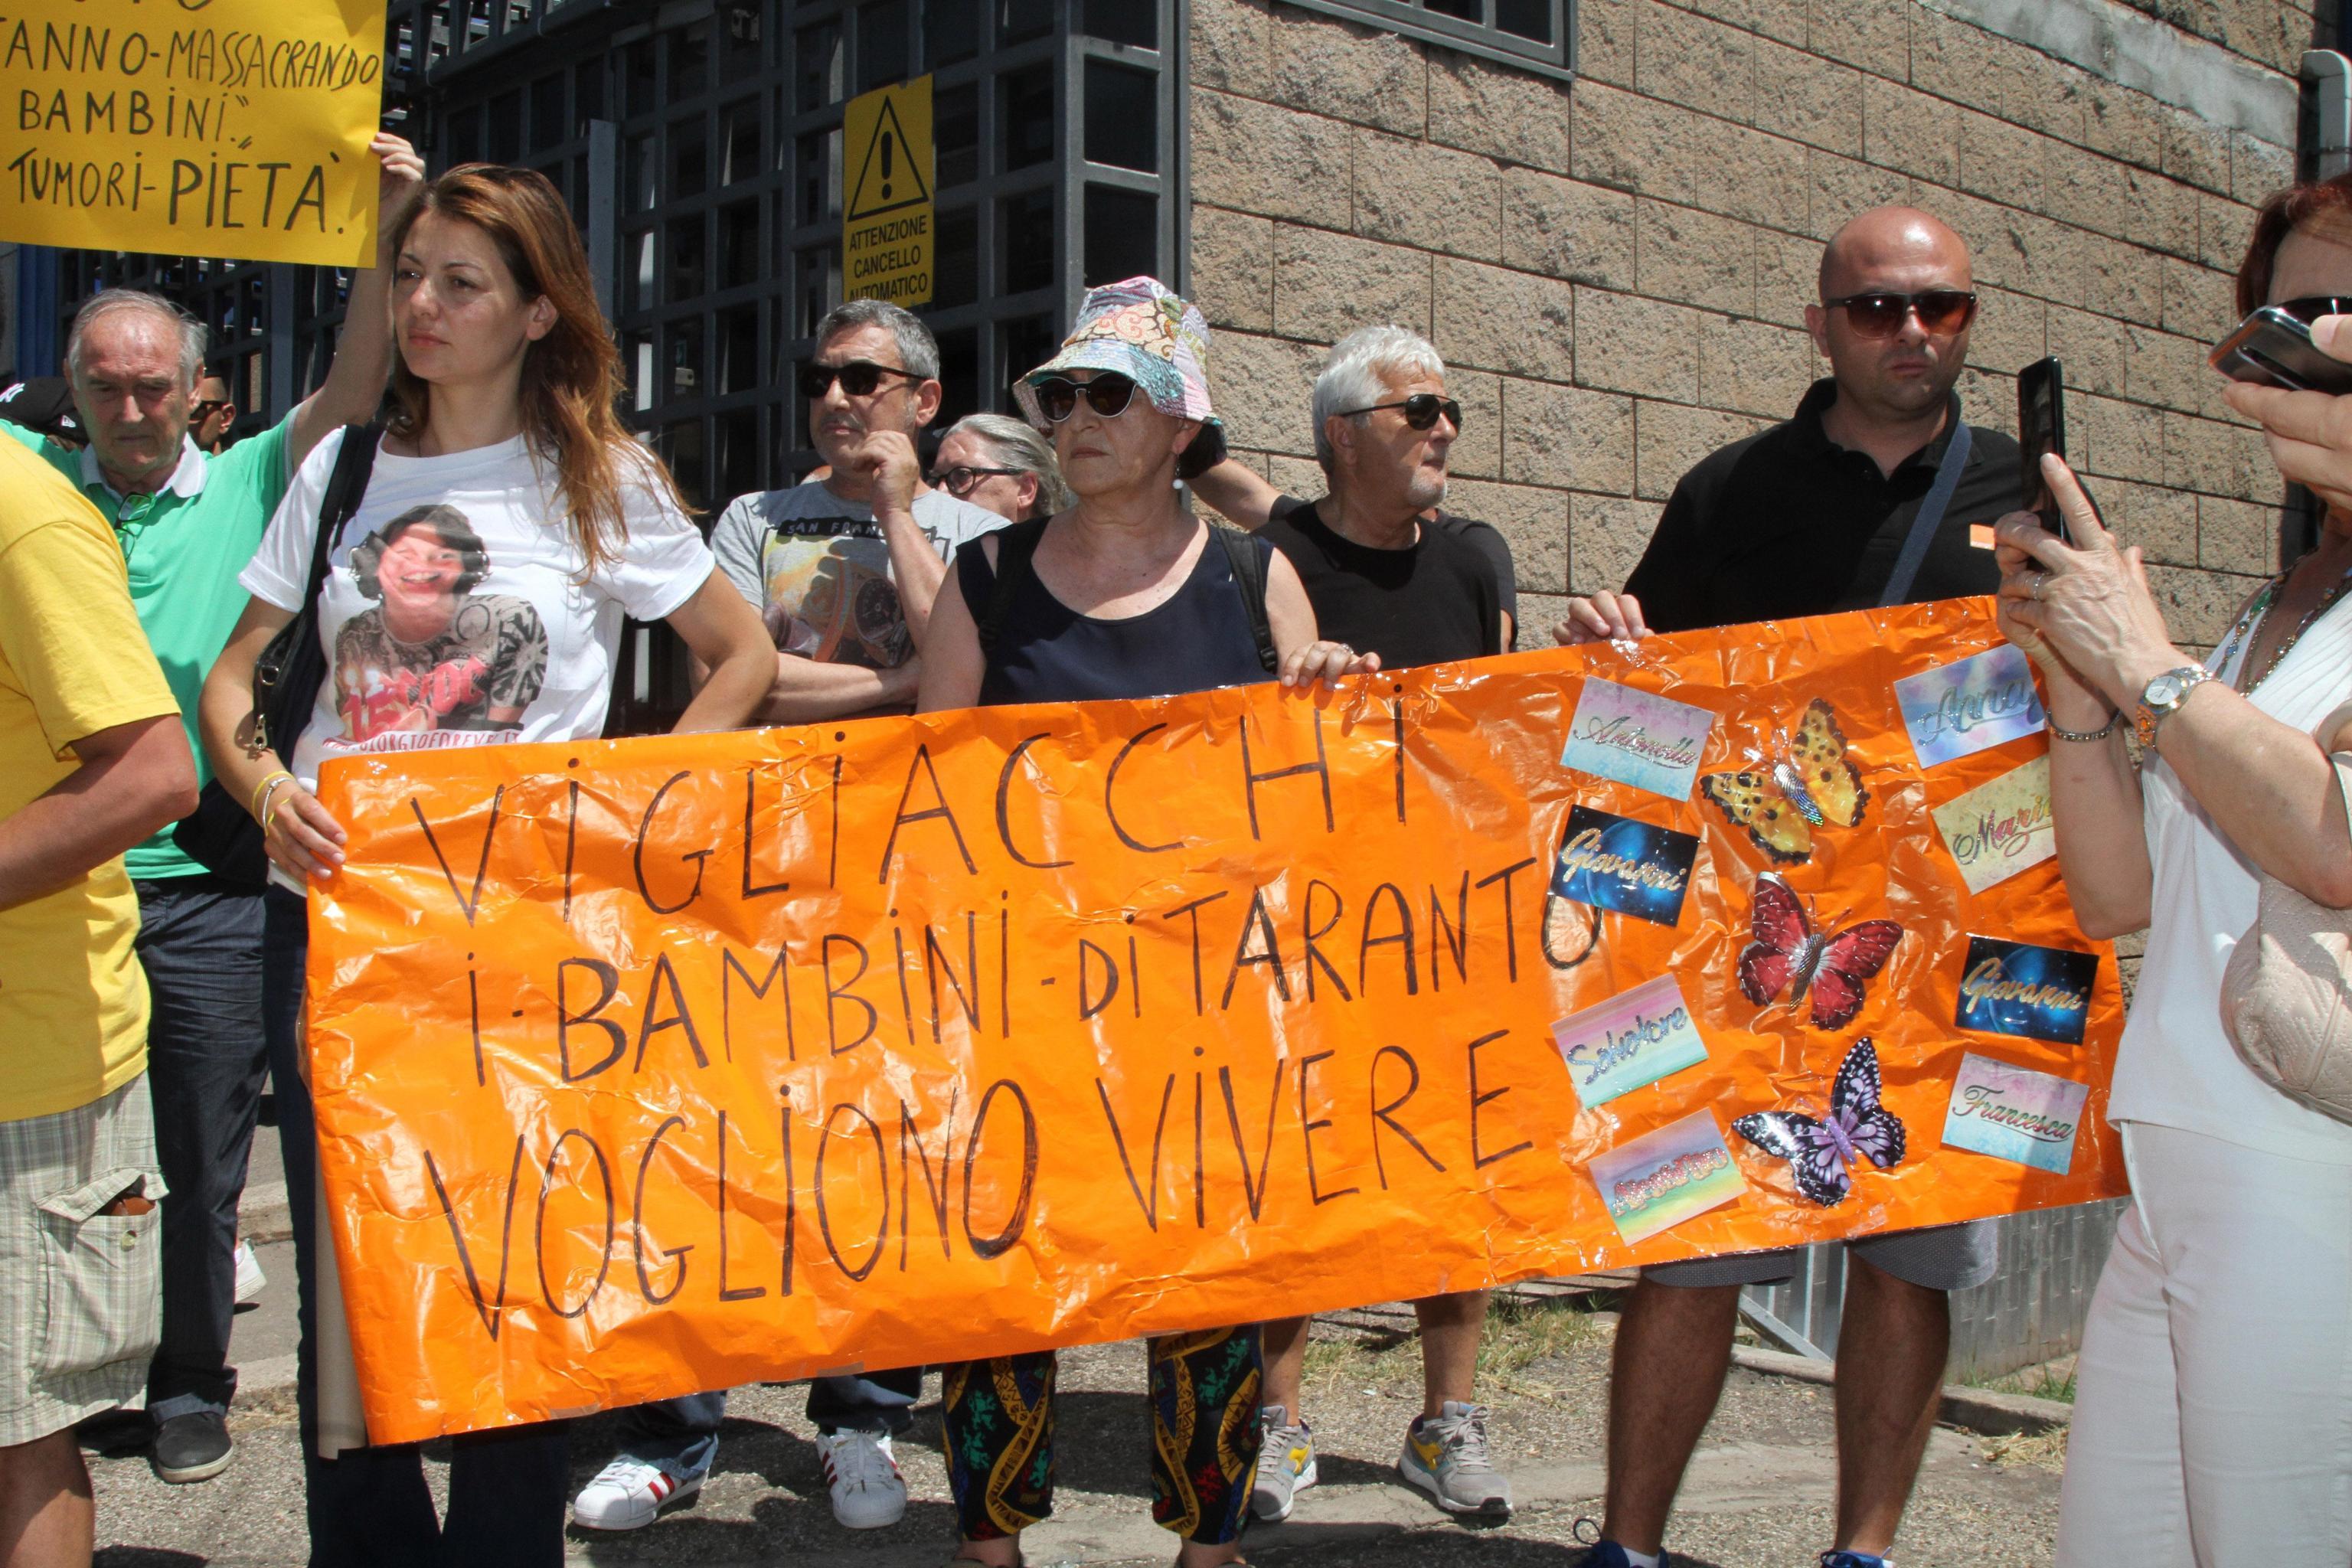 Un cartello esposto durante la manifestazione delle associazioni ambientaliste tarantine davanti alla sede della Arcelor Mittal di protesta contro le politiche del Governo, Taranto, 24 giugno 2019. ANSA/RENATO INGENITO